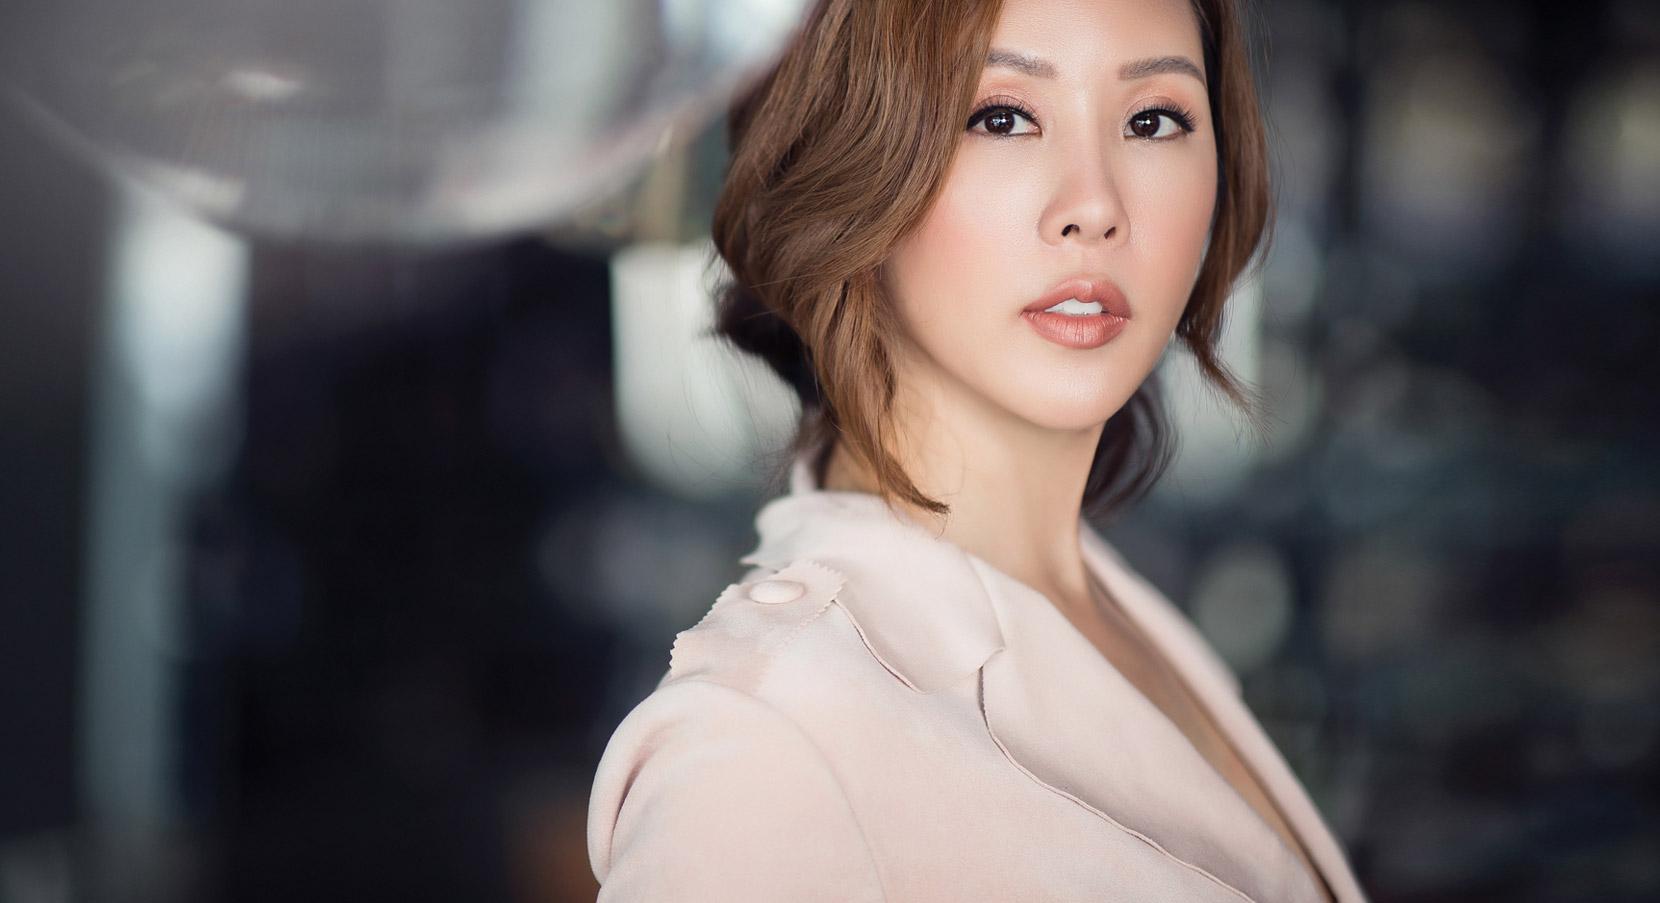 Hoa hậu Thu Hoài – 2 người đàn ông, 3 đứa con, chưa một lần khoác áo cưới